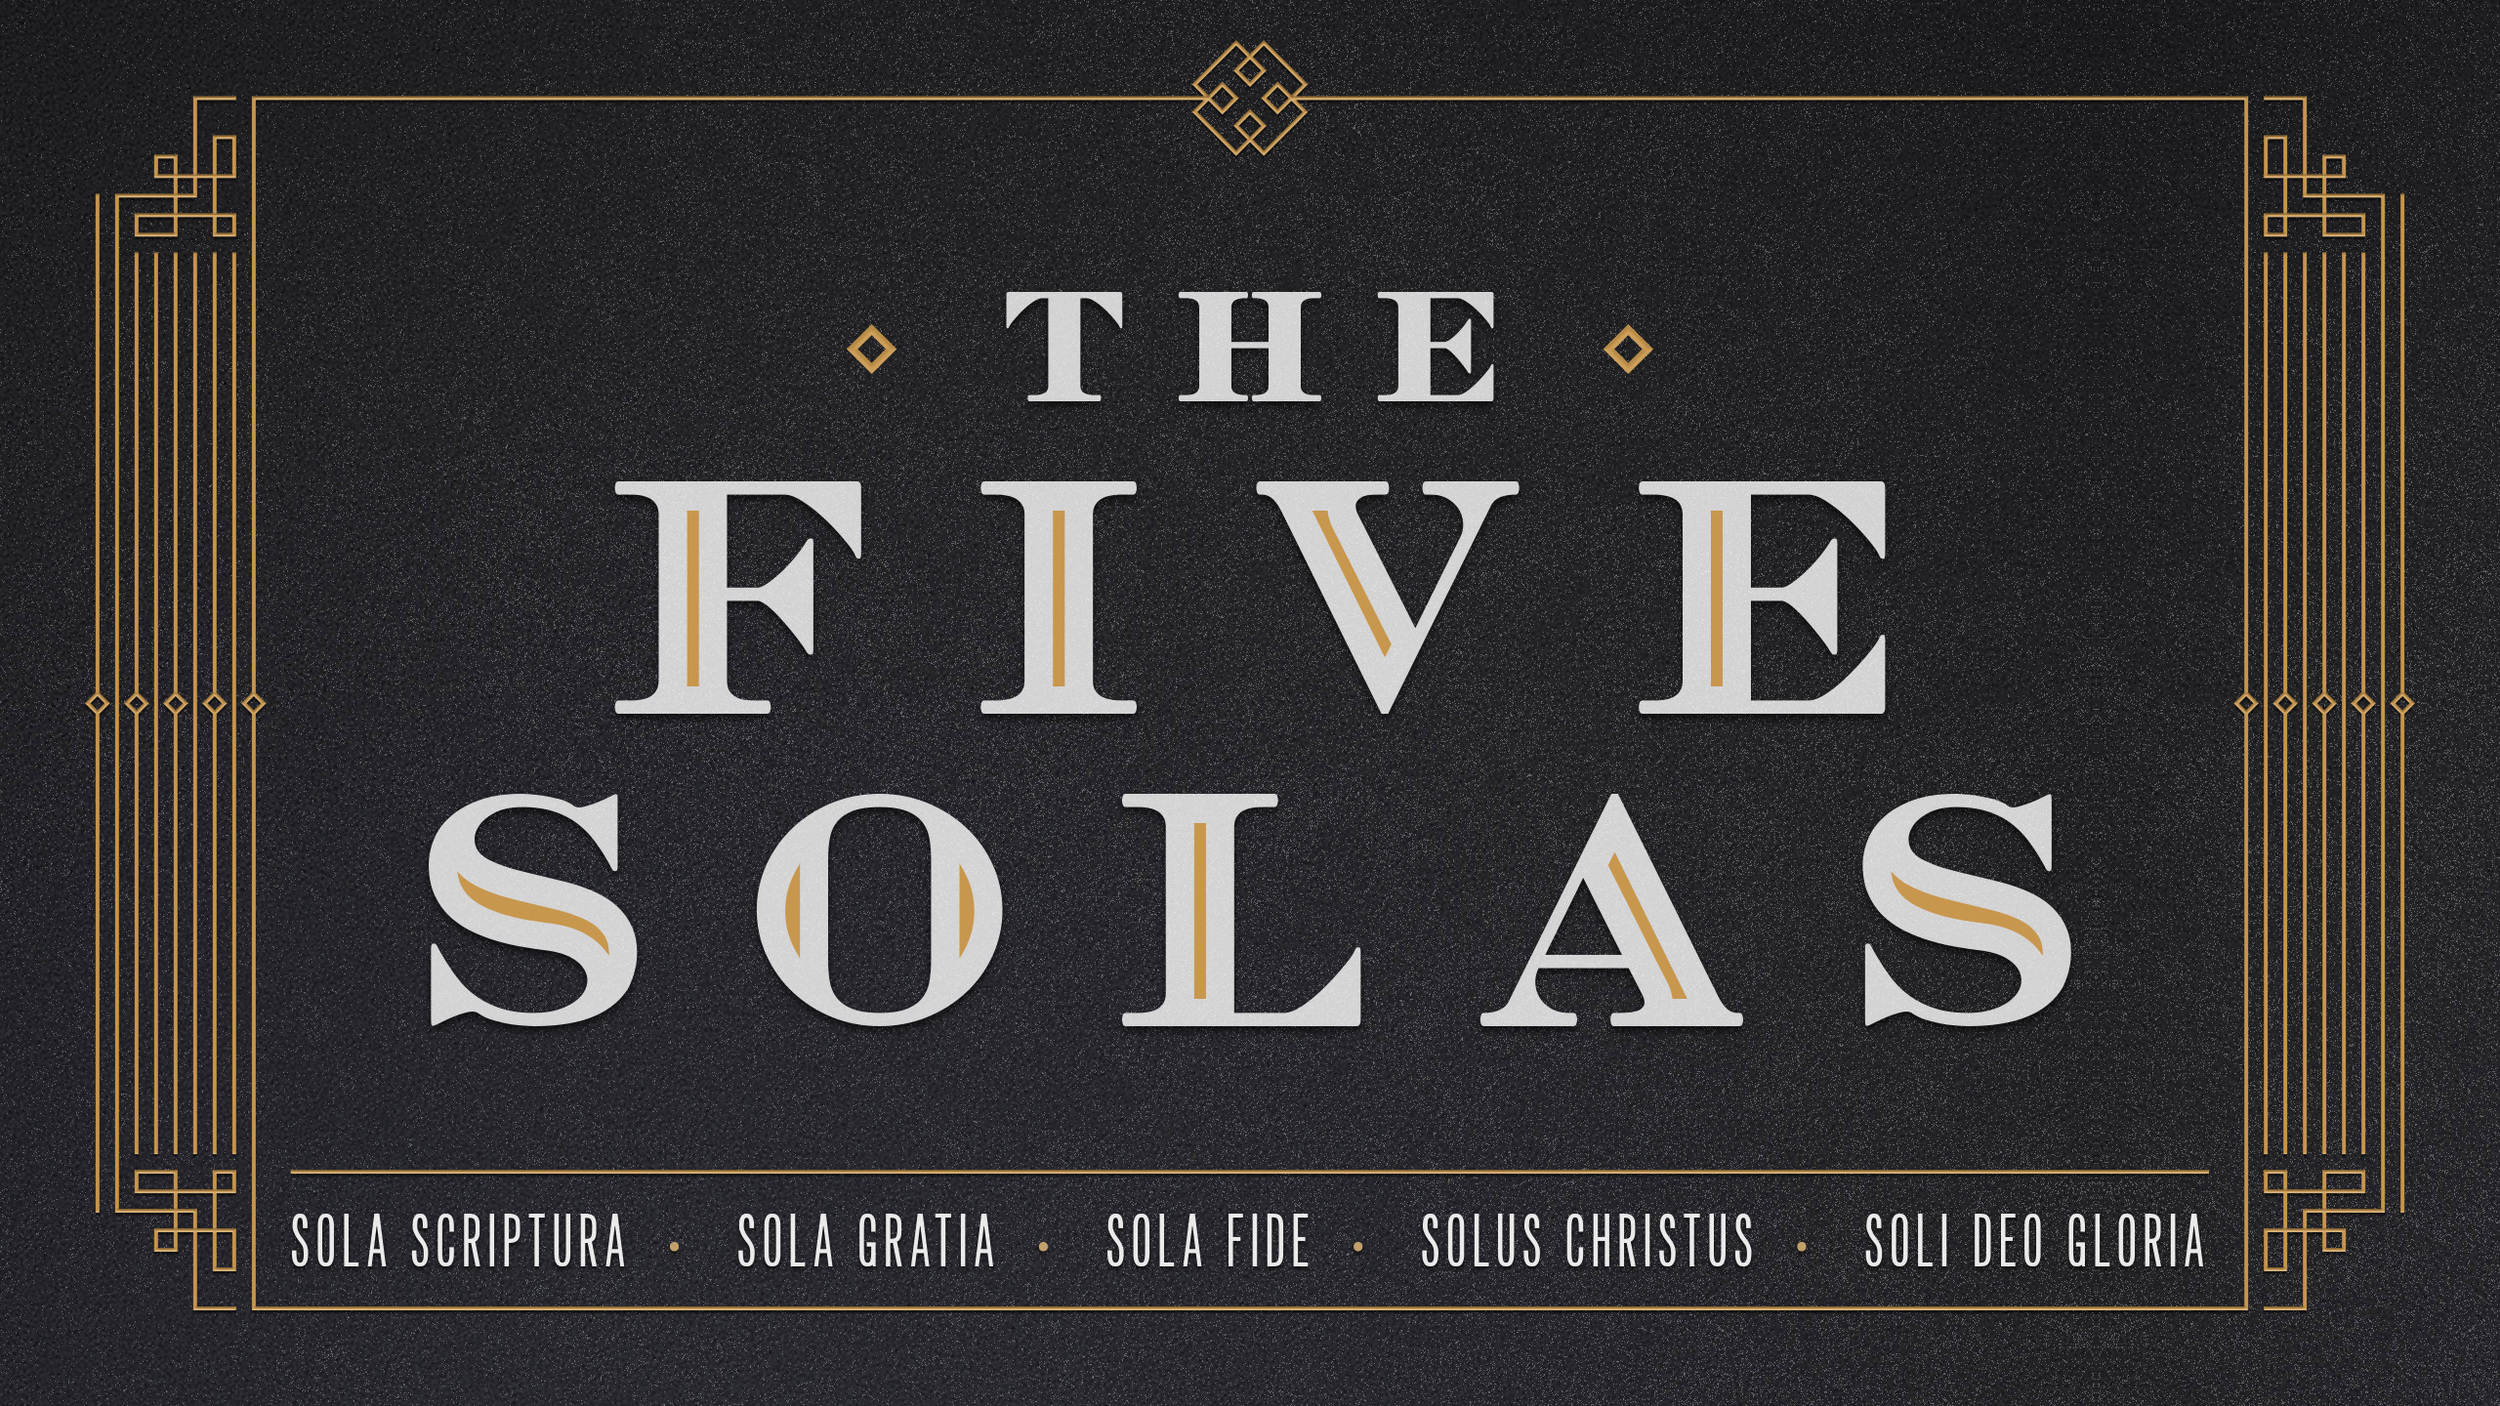 fivesolas.jpg